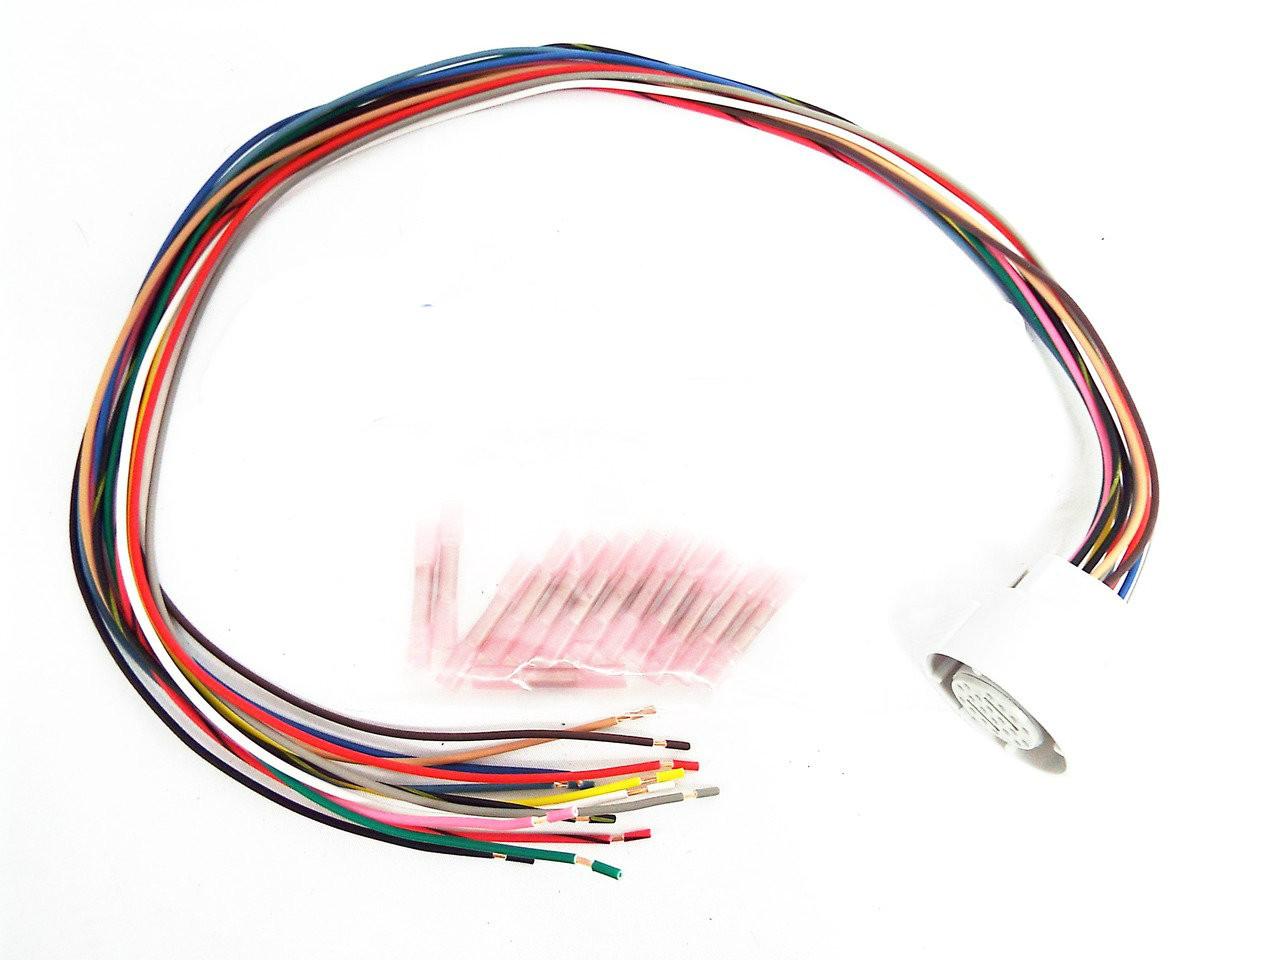 hd 4l60e transmission external wiring harness repair kit 1993 2005 rh globaltransmissionparts com